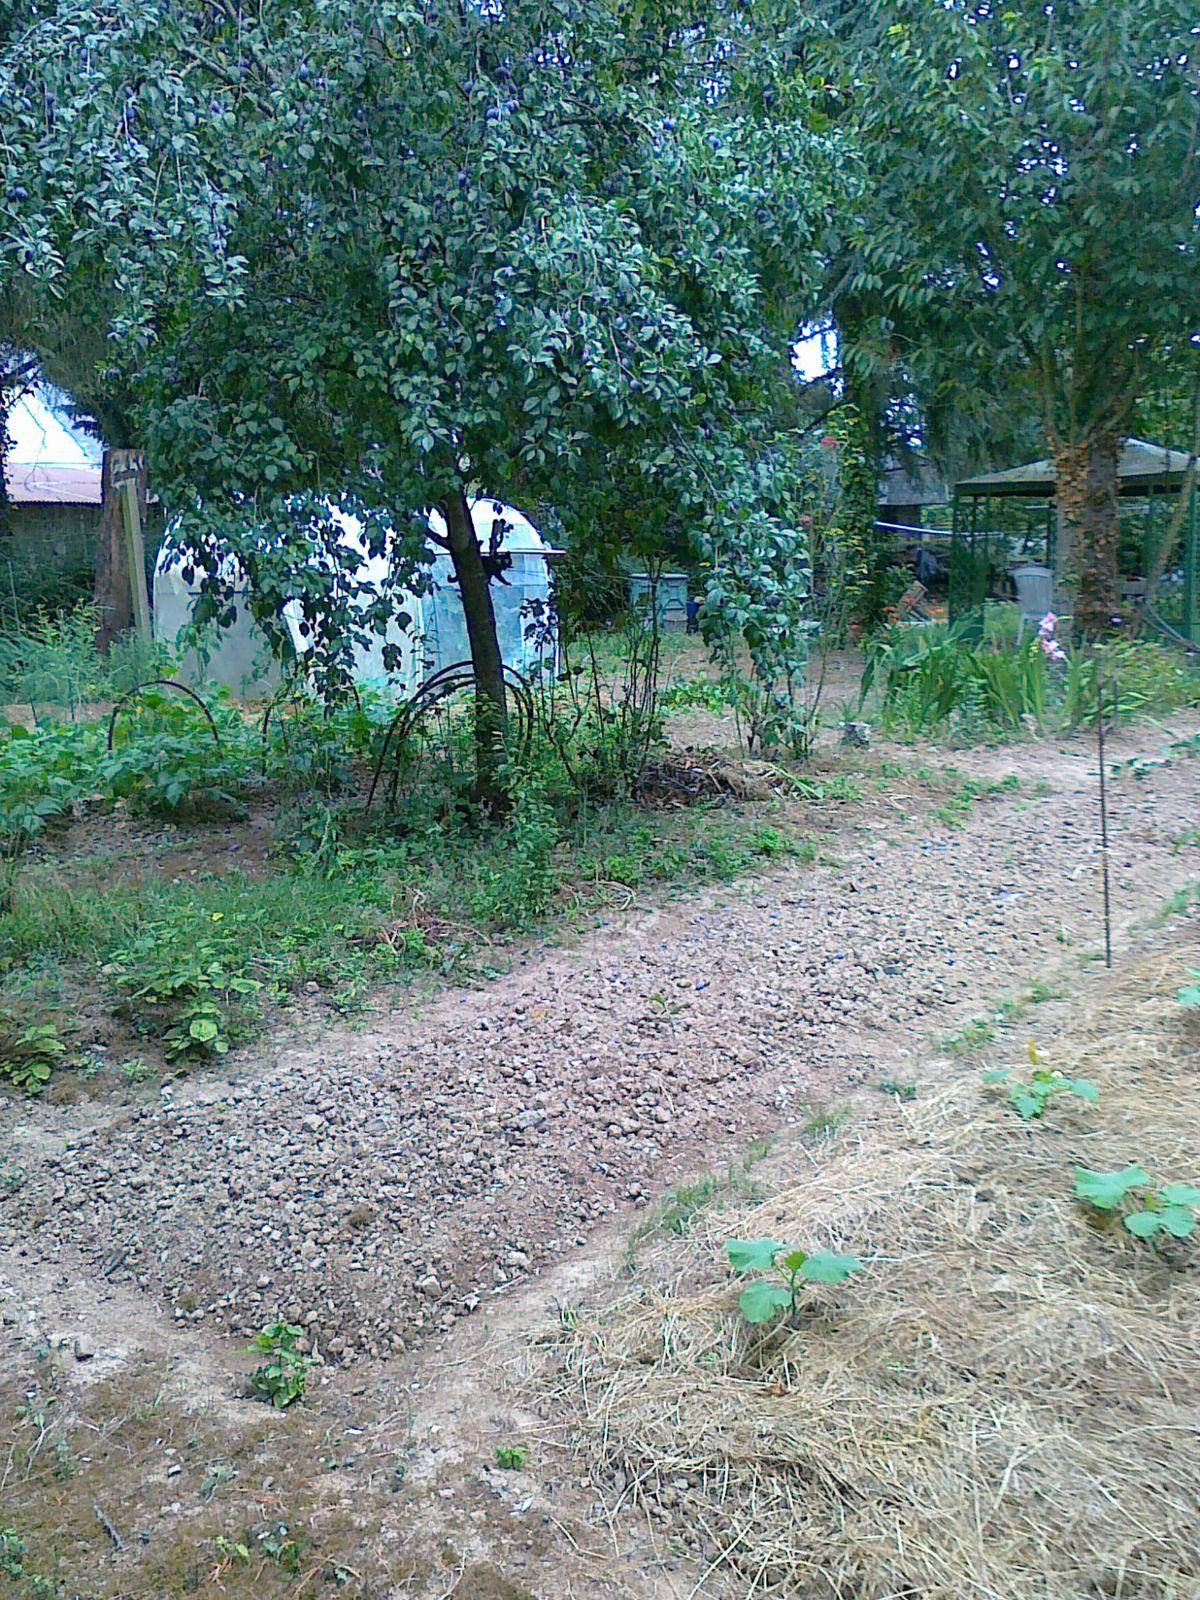 Un jardin à reprendre après quelques années de repos...